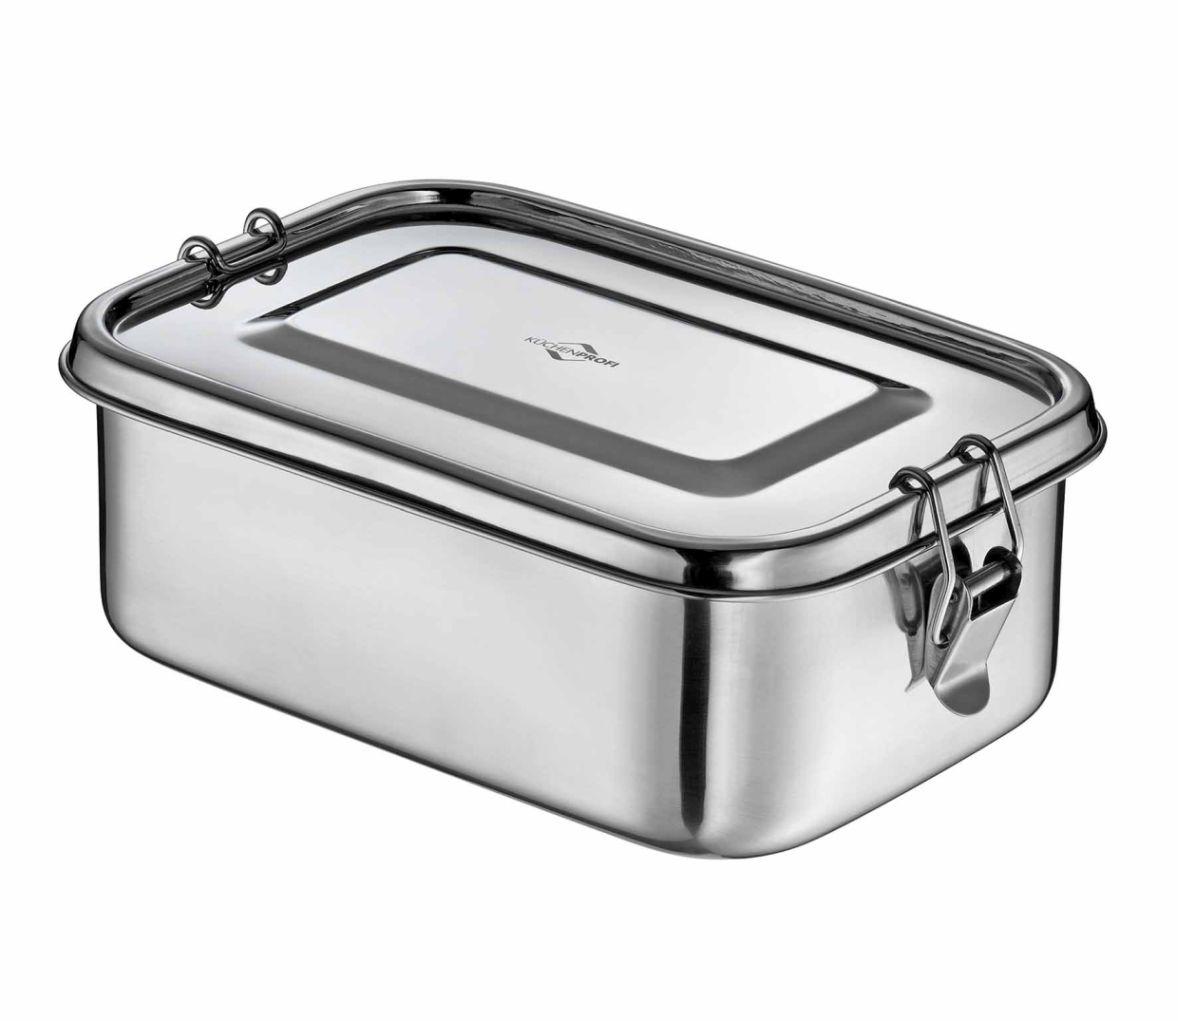 Obědový box CLASSIC MAXI - Küchenprofi